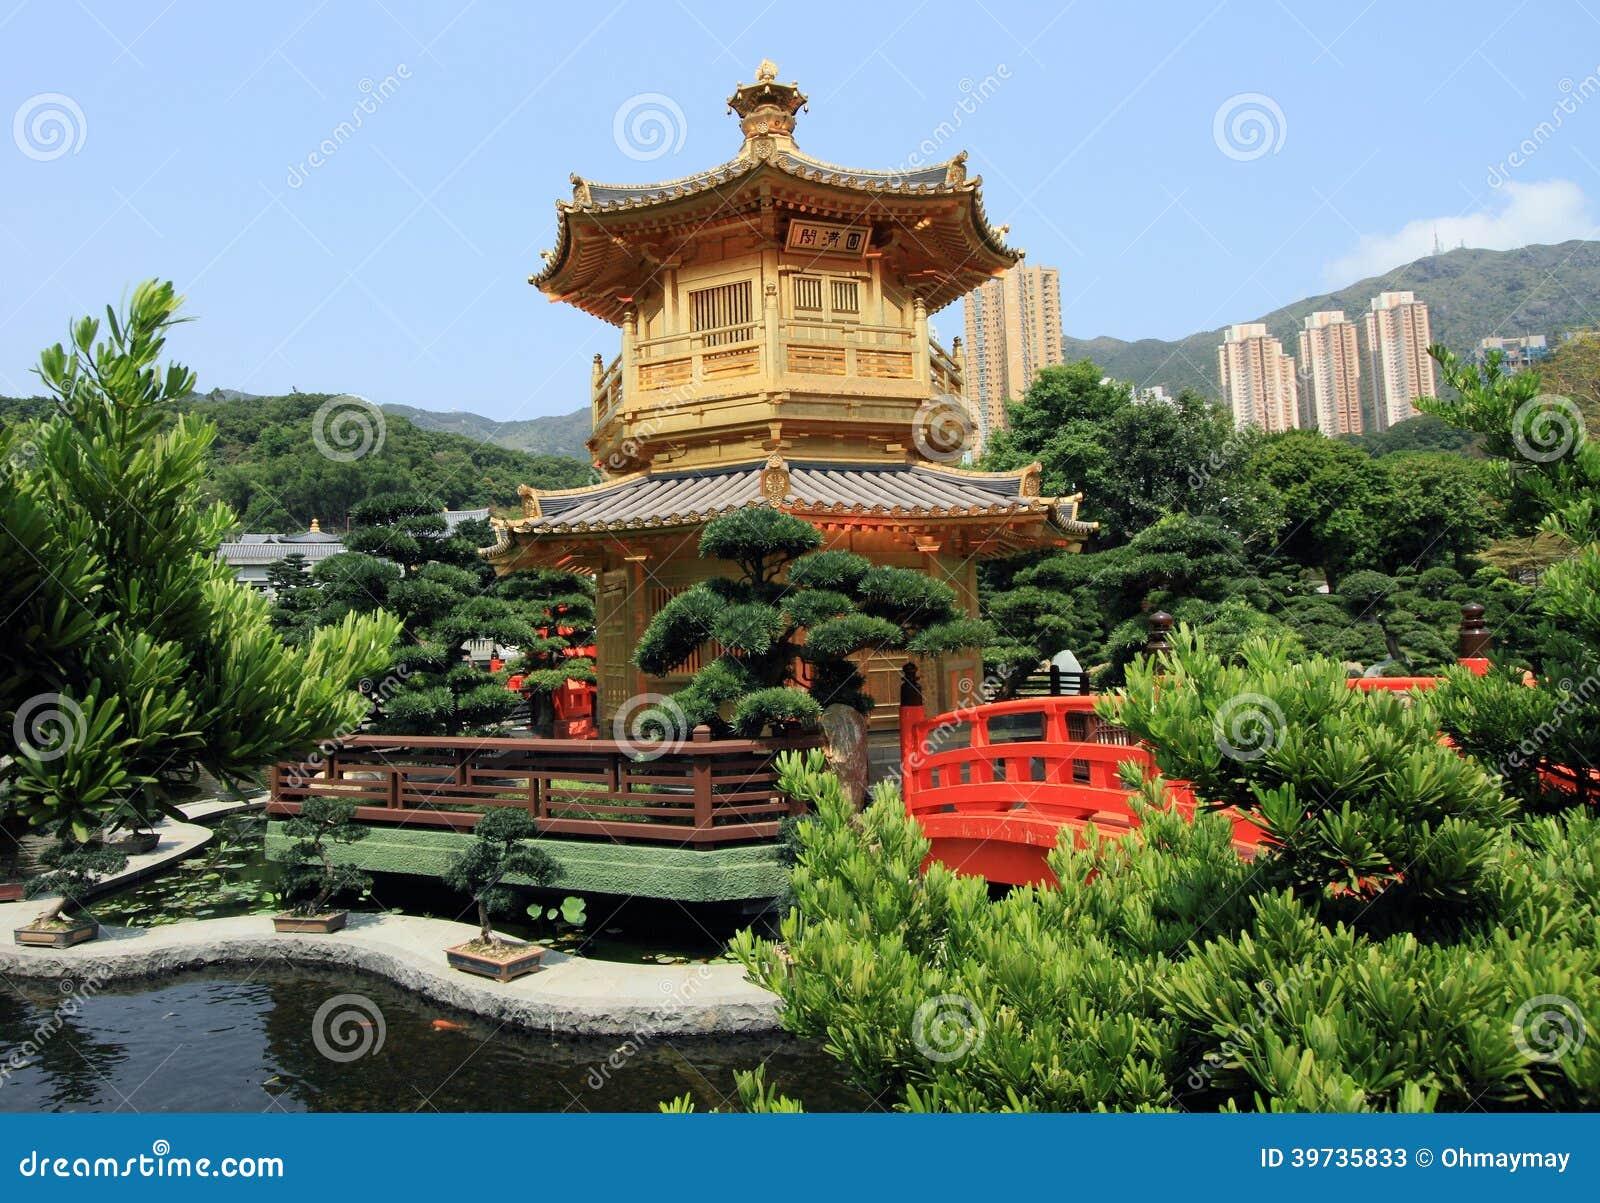 chinese garden at diamond hill, hong kong stock image